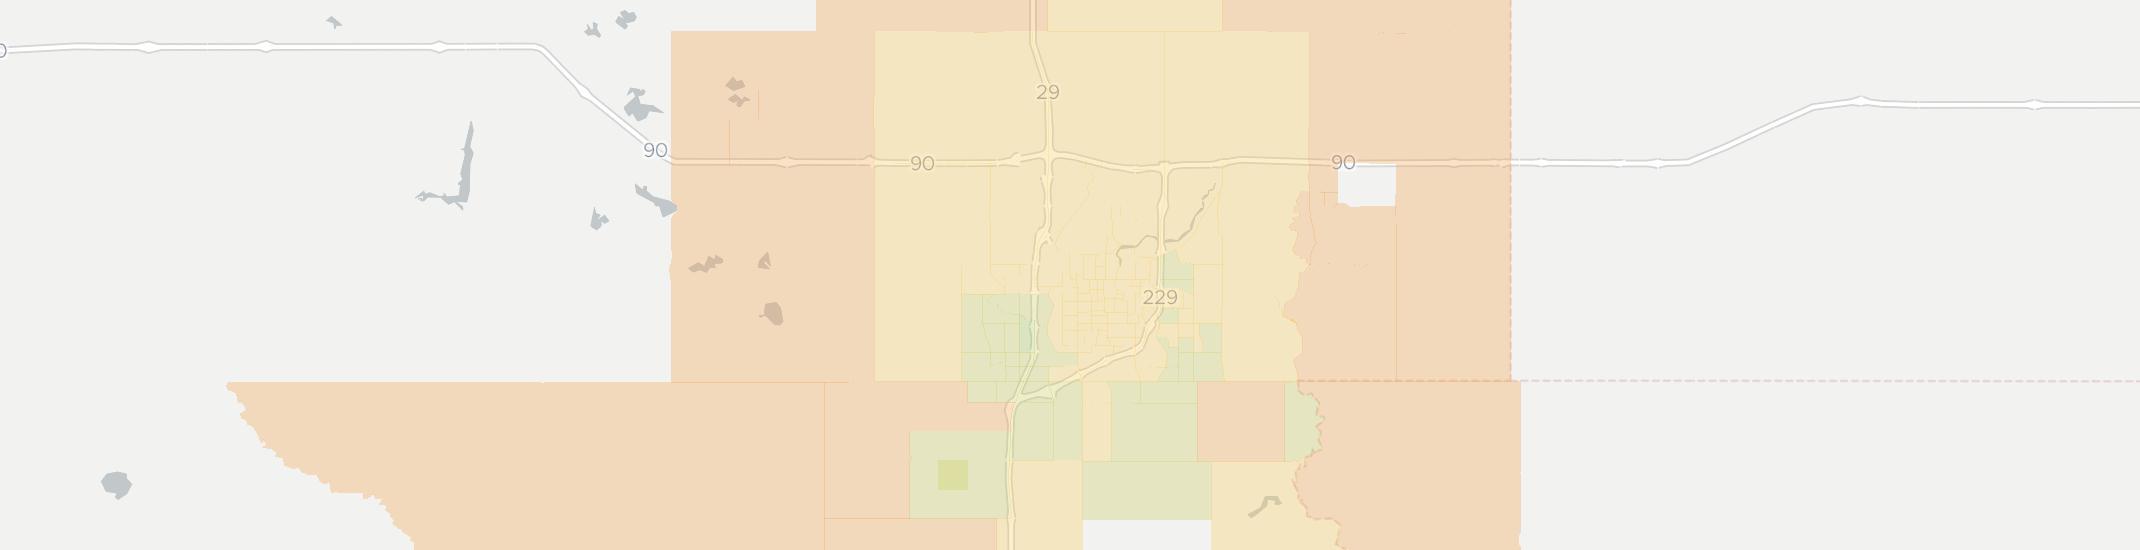 Internet Providers In Sioux Falls Compare 17 Providers